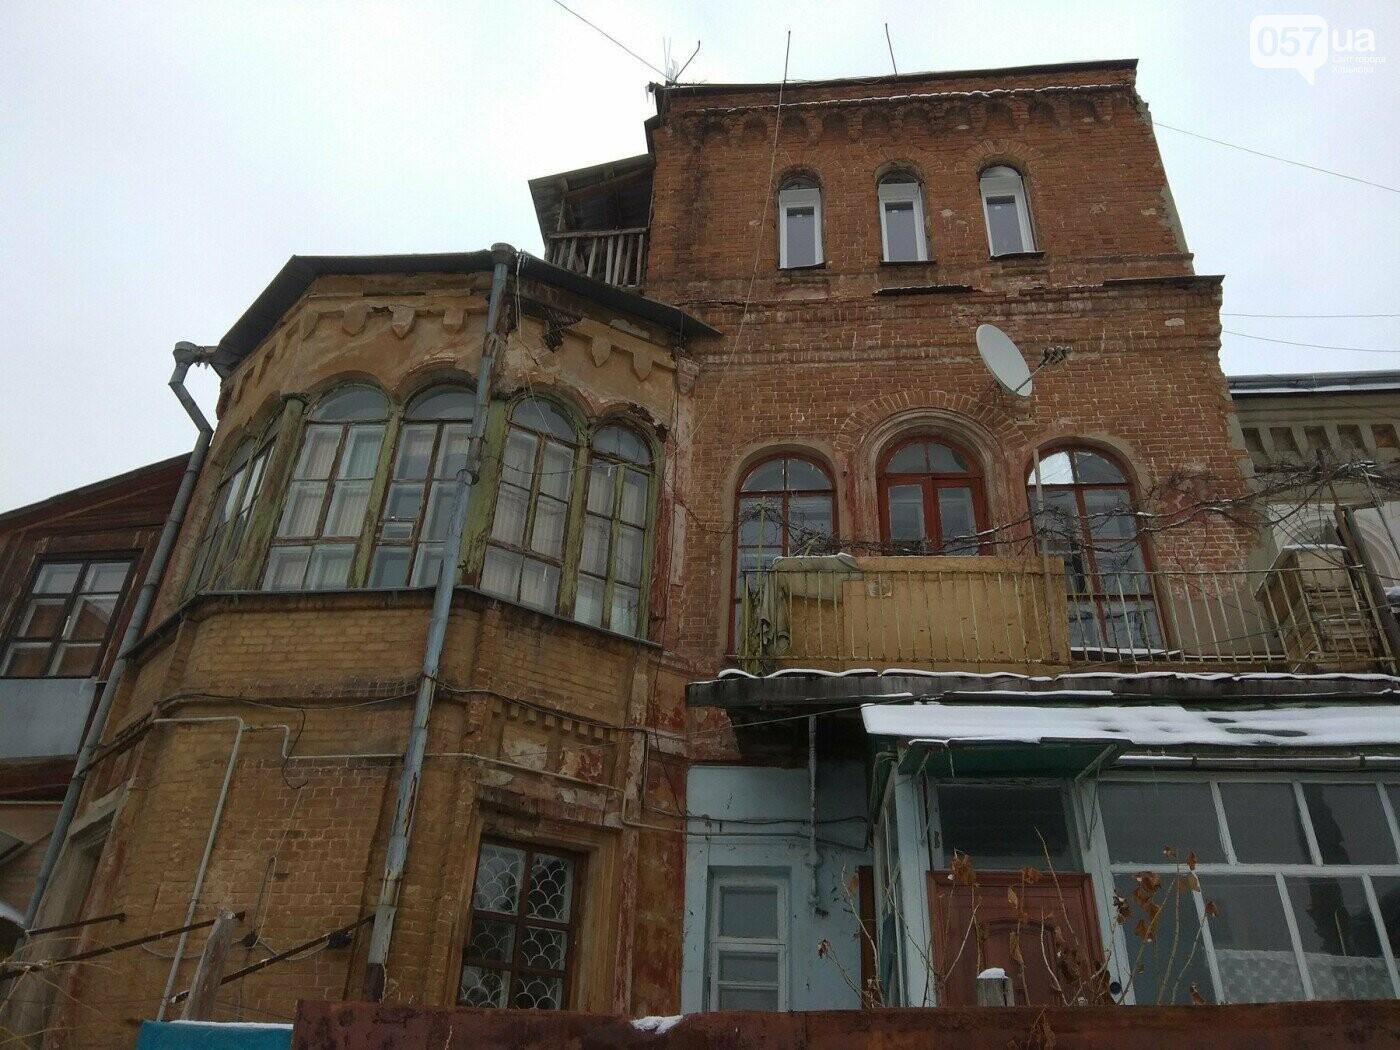 ТОП-5 «замков» в Харькове: история старинных зданий в центре города, - ФОТО, фото-10